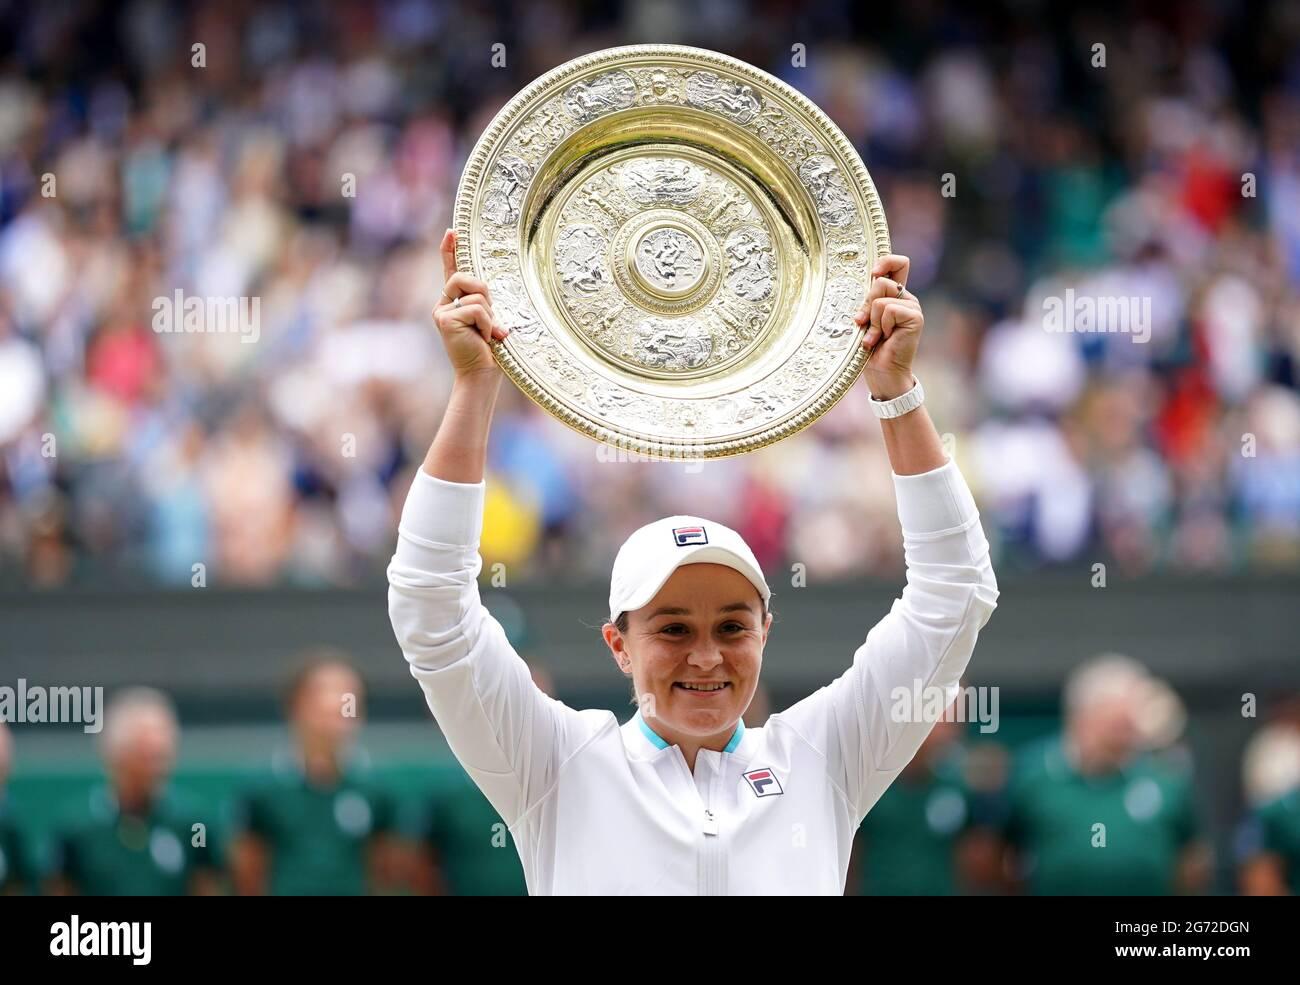 Ashleigh Barty feiert mit ihrer Trophäe, nachdem sie am 12. Tag von Wimbledon im All England Lawn Tennis and Croquet Club, Wimbledon, das Finale der Damen-Einzelspiele gegen Karolina Pliskova auf dem Mittelfeld gewonnen hat. Bilddatum: Samstag, 10. Juli 2021. Stockfoto